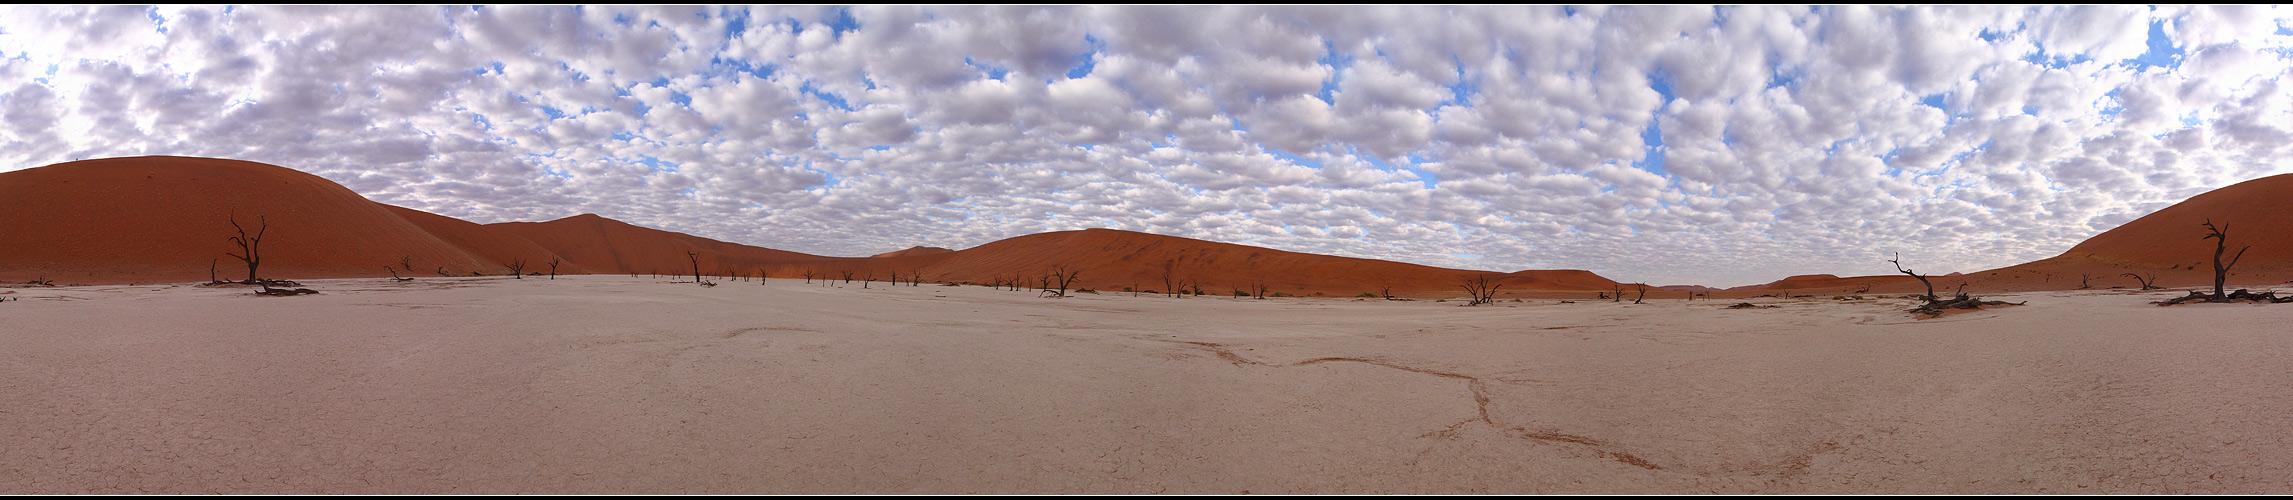 Wolken über dem Deadvlei – Panorama